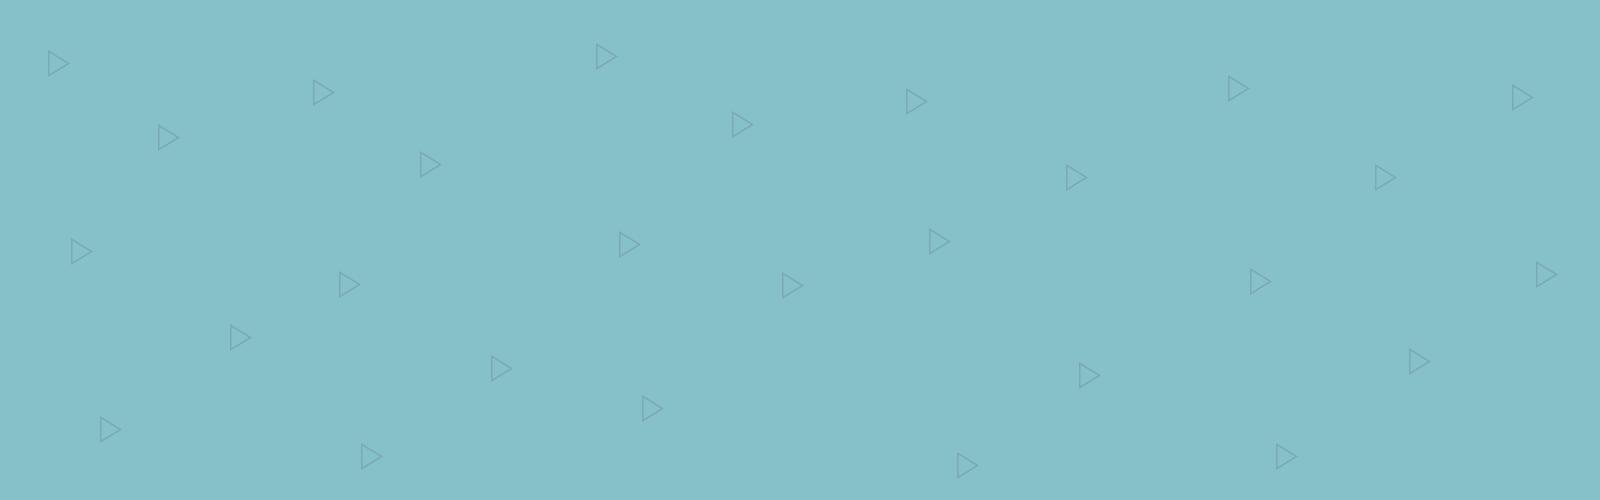 header-video-empty.png